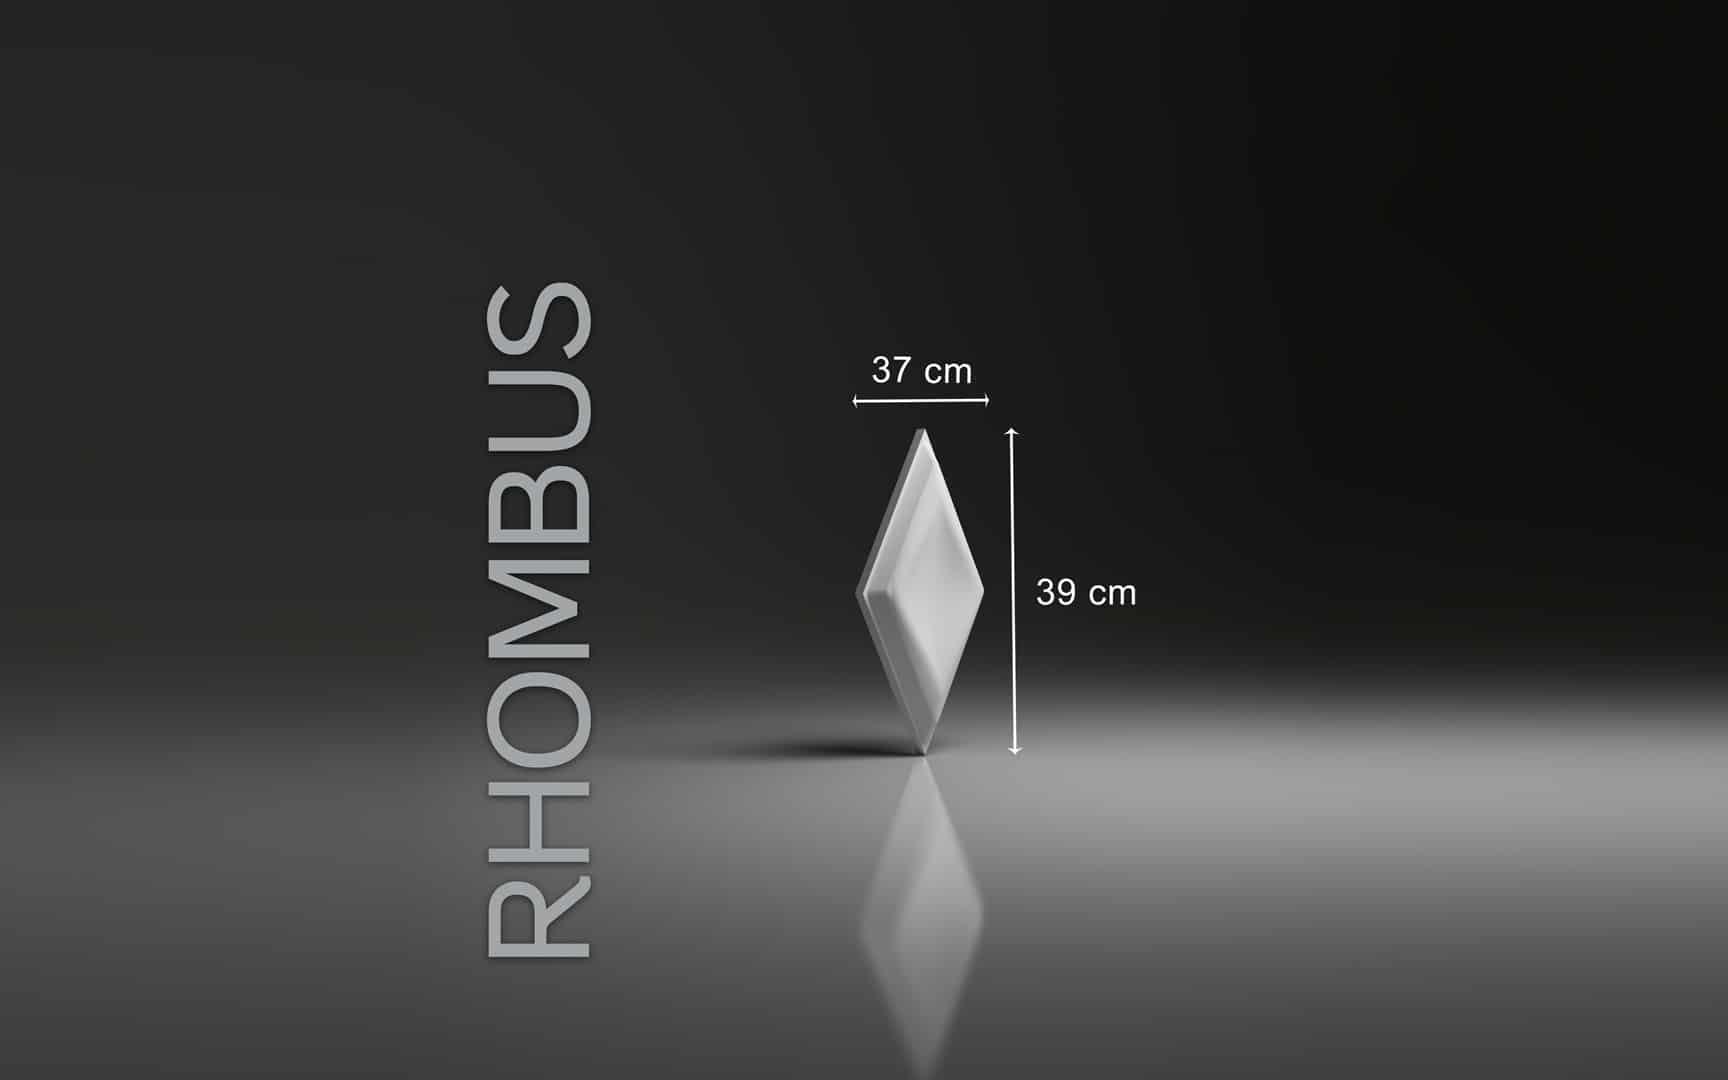 RHOMBUS DIMENSIONS : hauteur 39 x largeur 20 cm ÉPAISSEUR : 3,2 cm POIDS : environ 0,8 kg